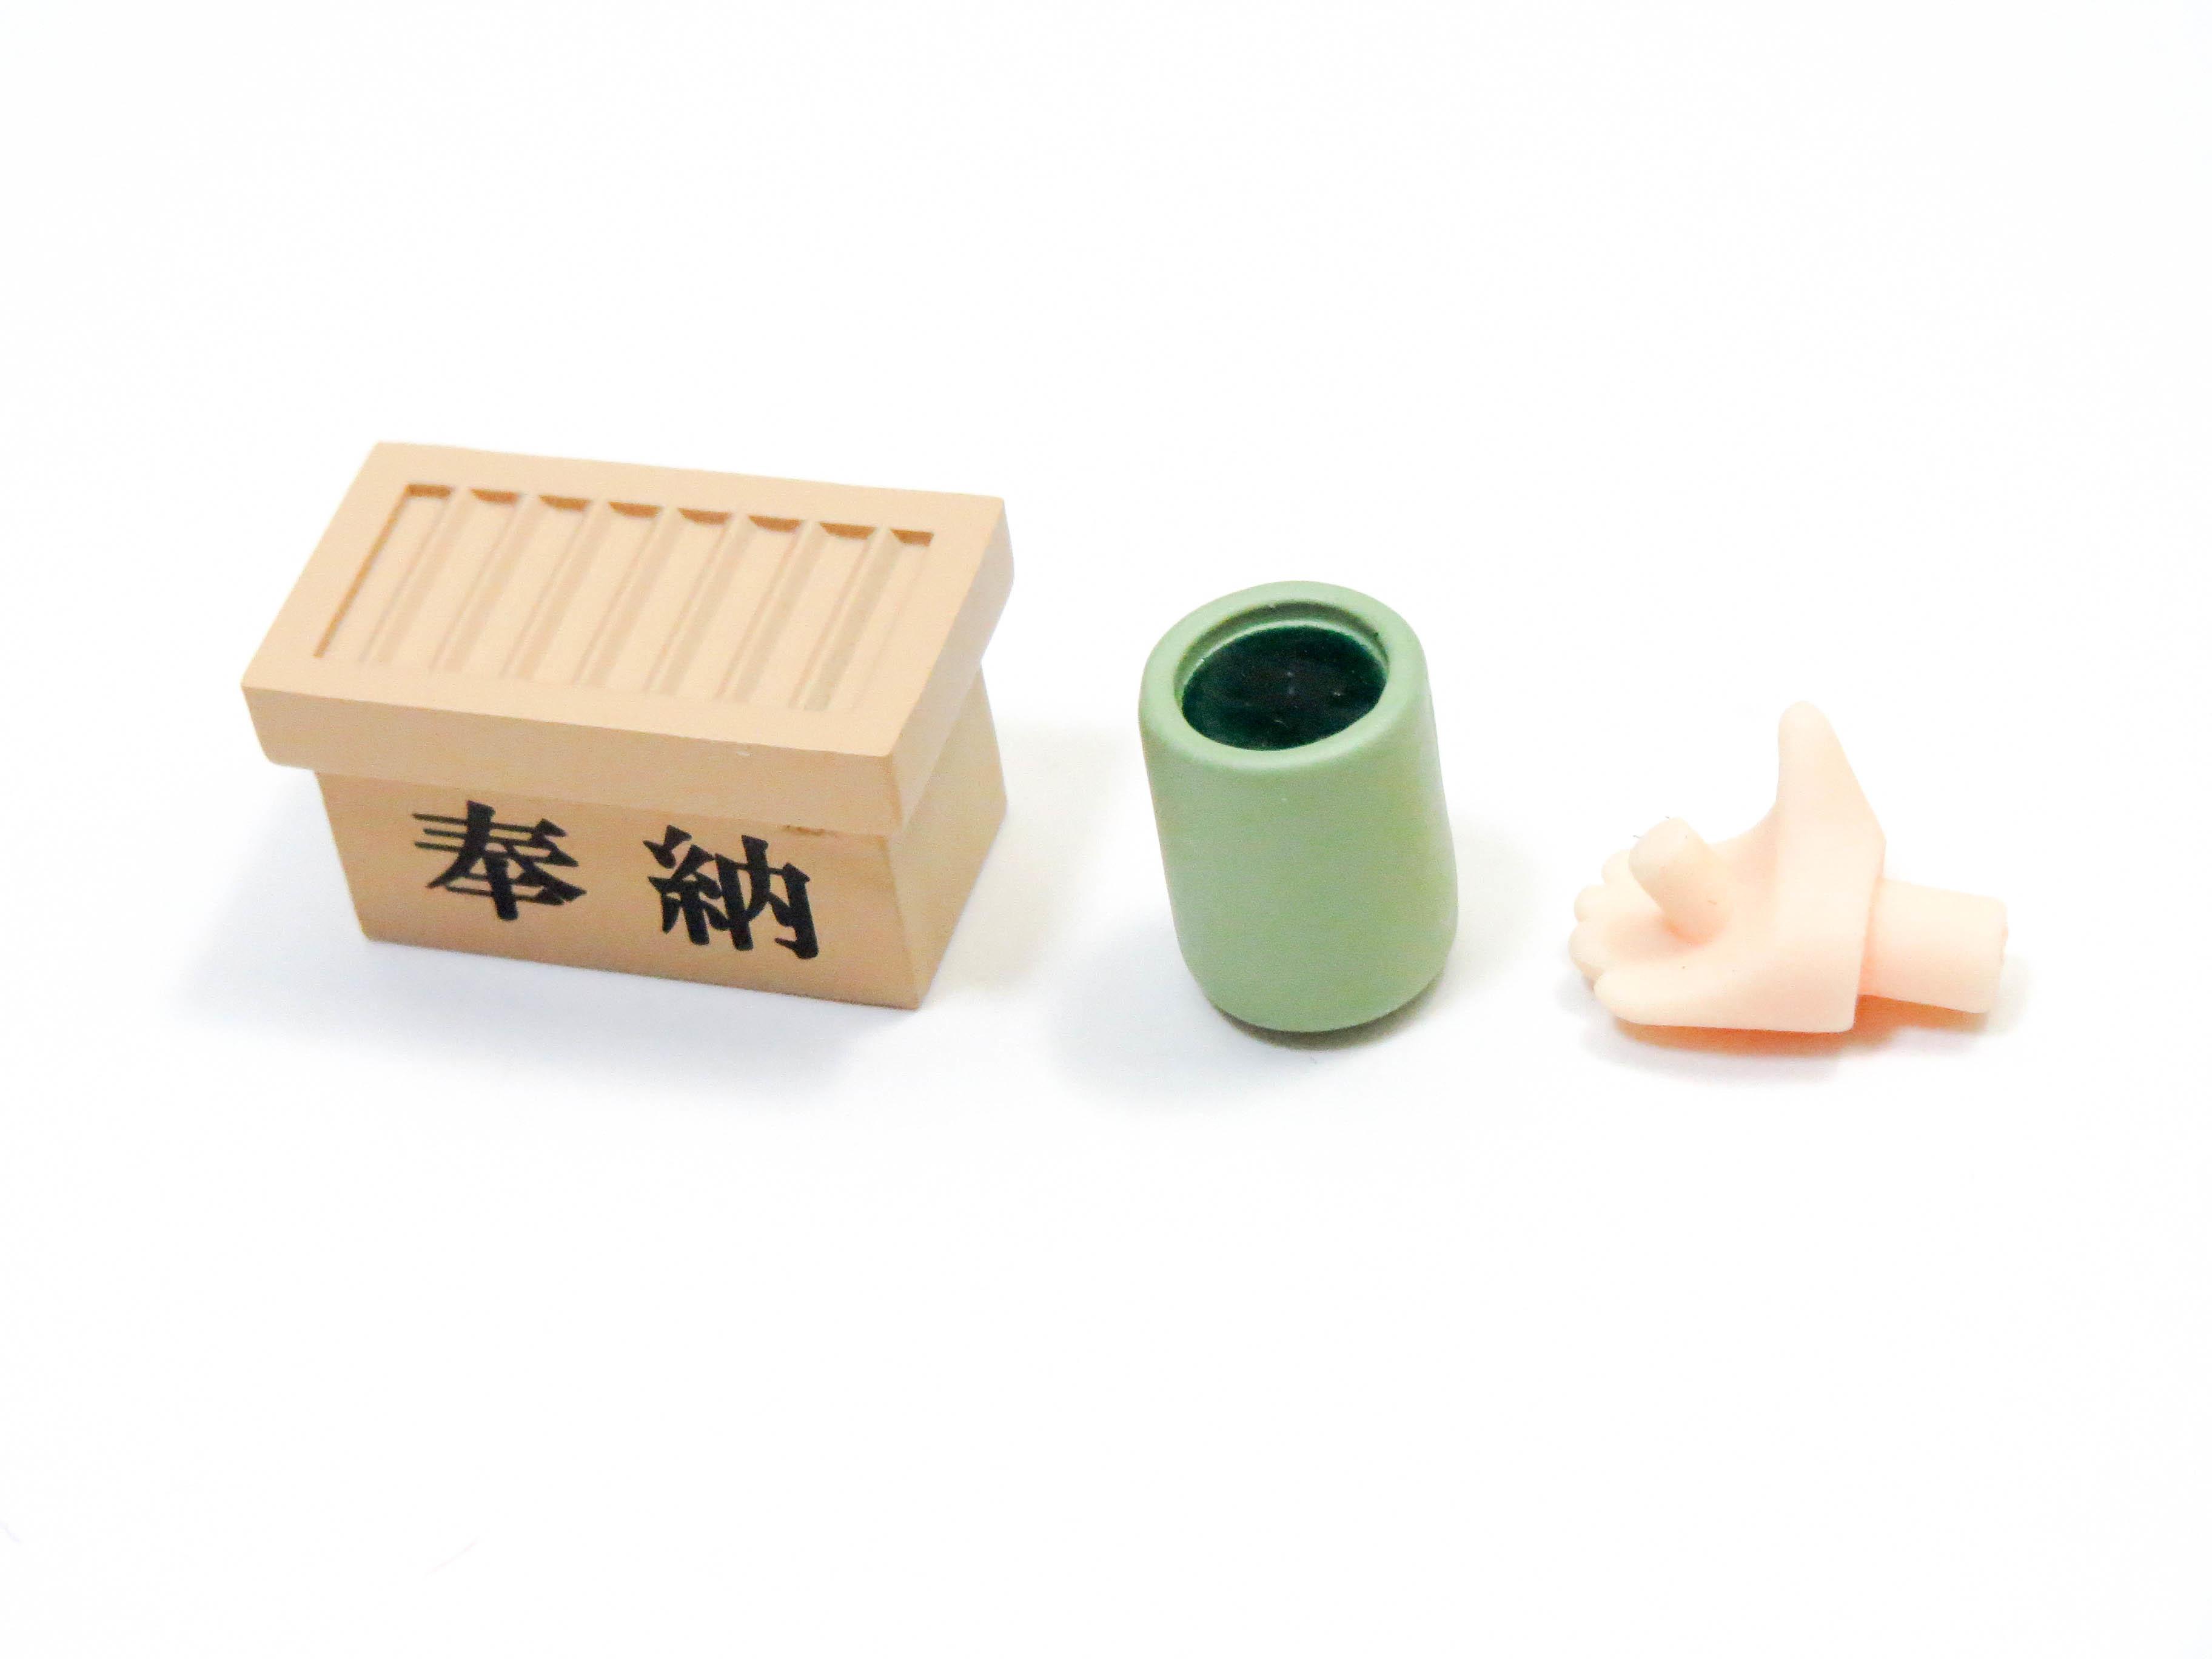 再入荷【700】 博麗霊夢 2.0 小物パーツ 賽銭箱とお茶 ねんどろいど